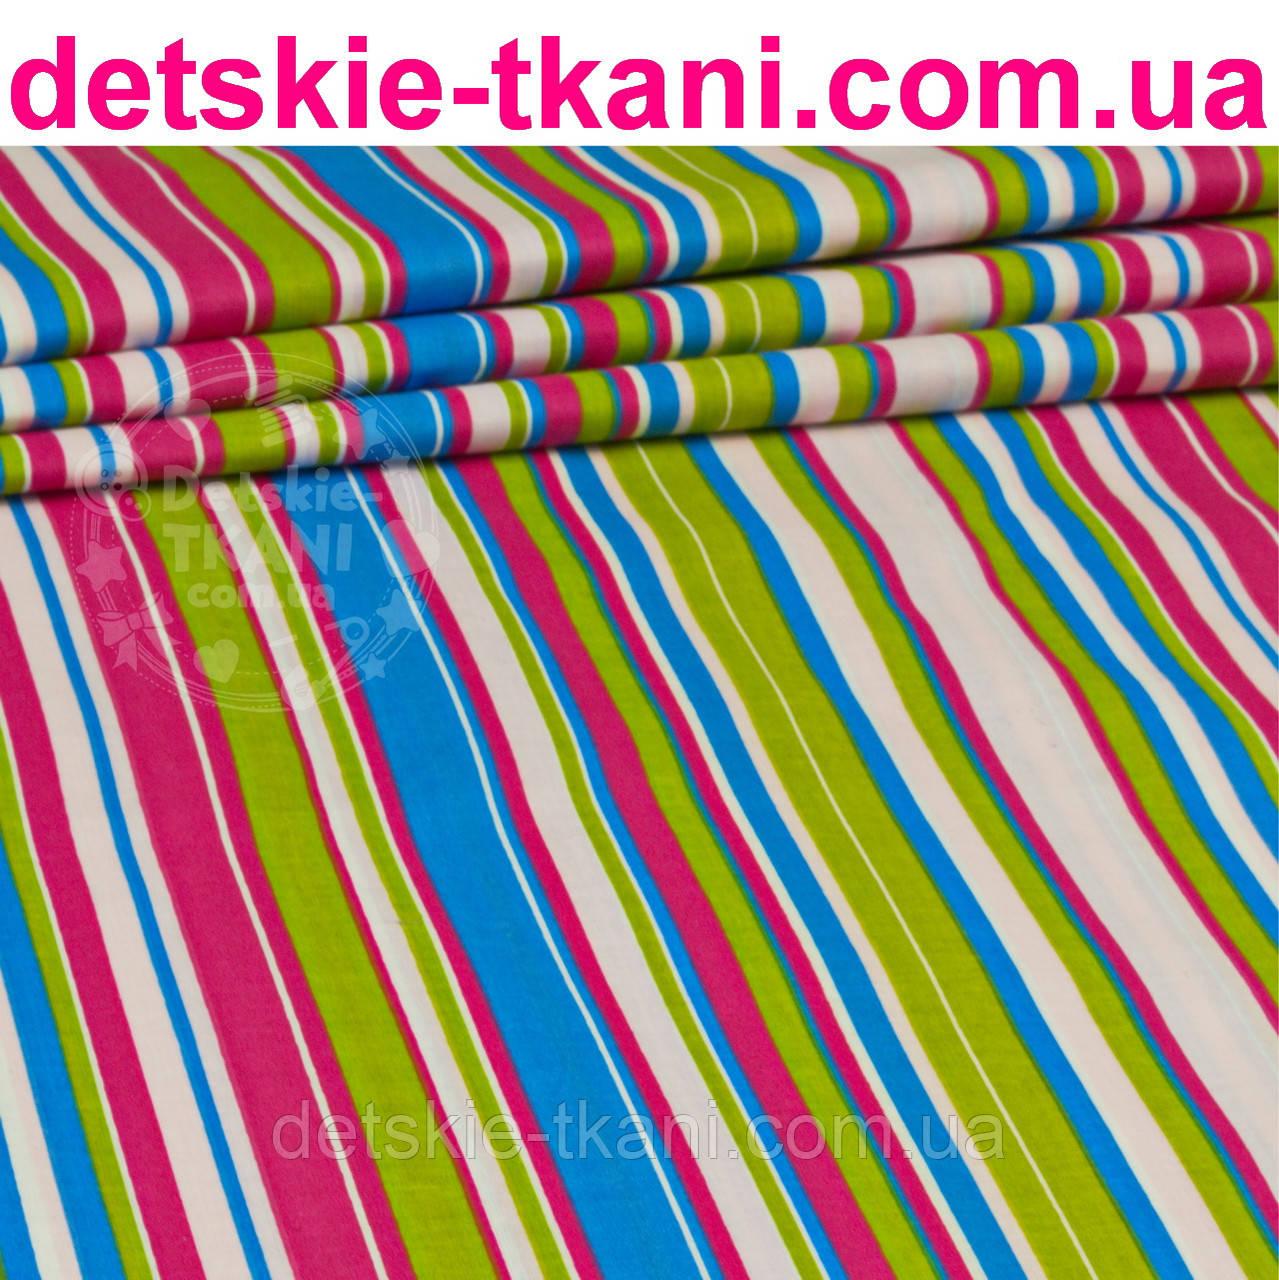 Ткань в полоску амарантового и голубого цвета №193 - Детские ткани оптом и в розницу в Волынской области